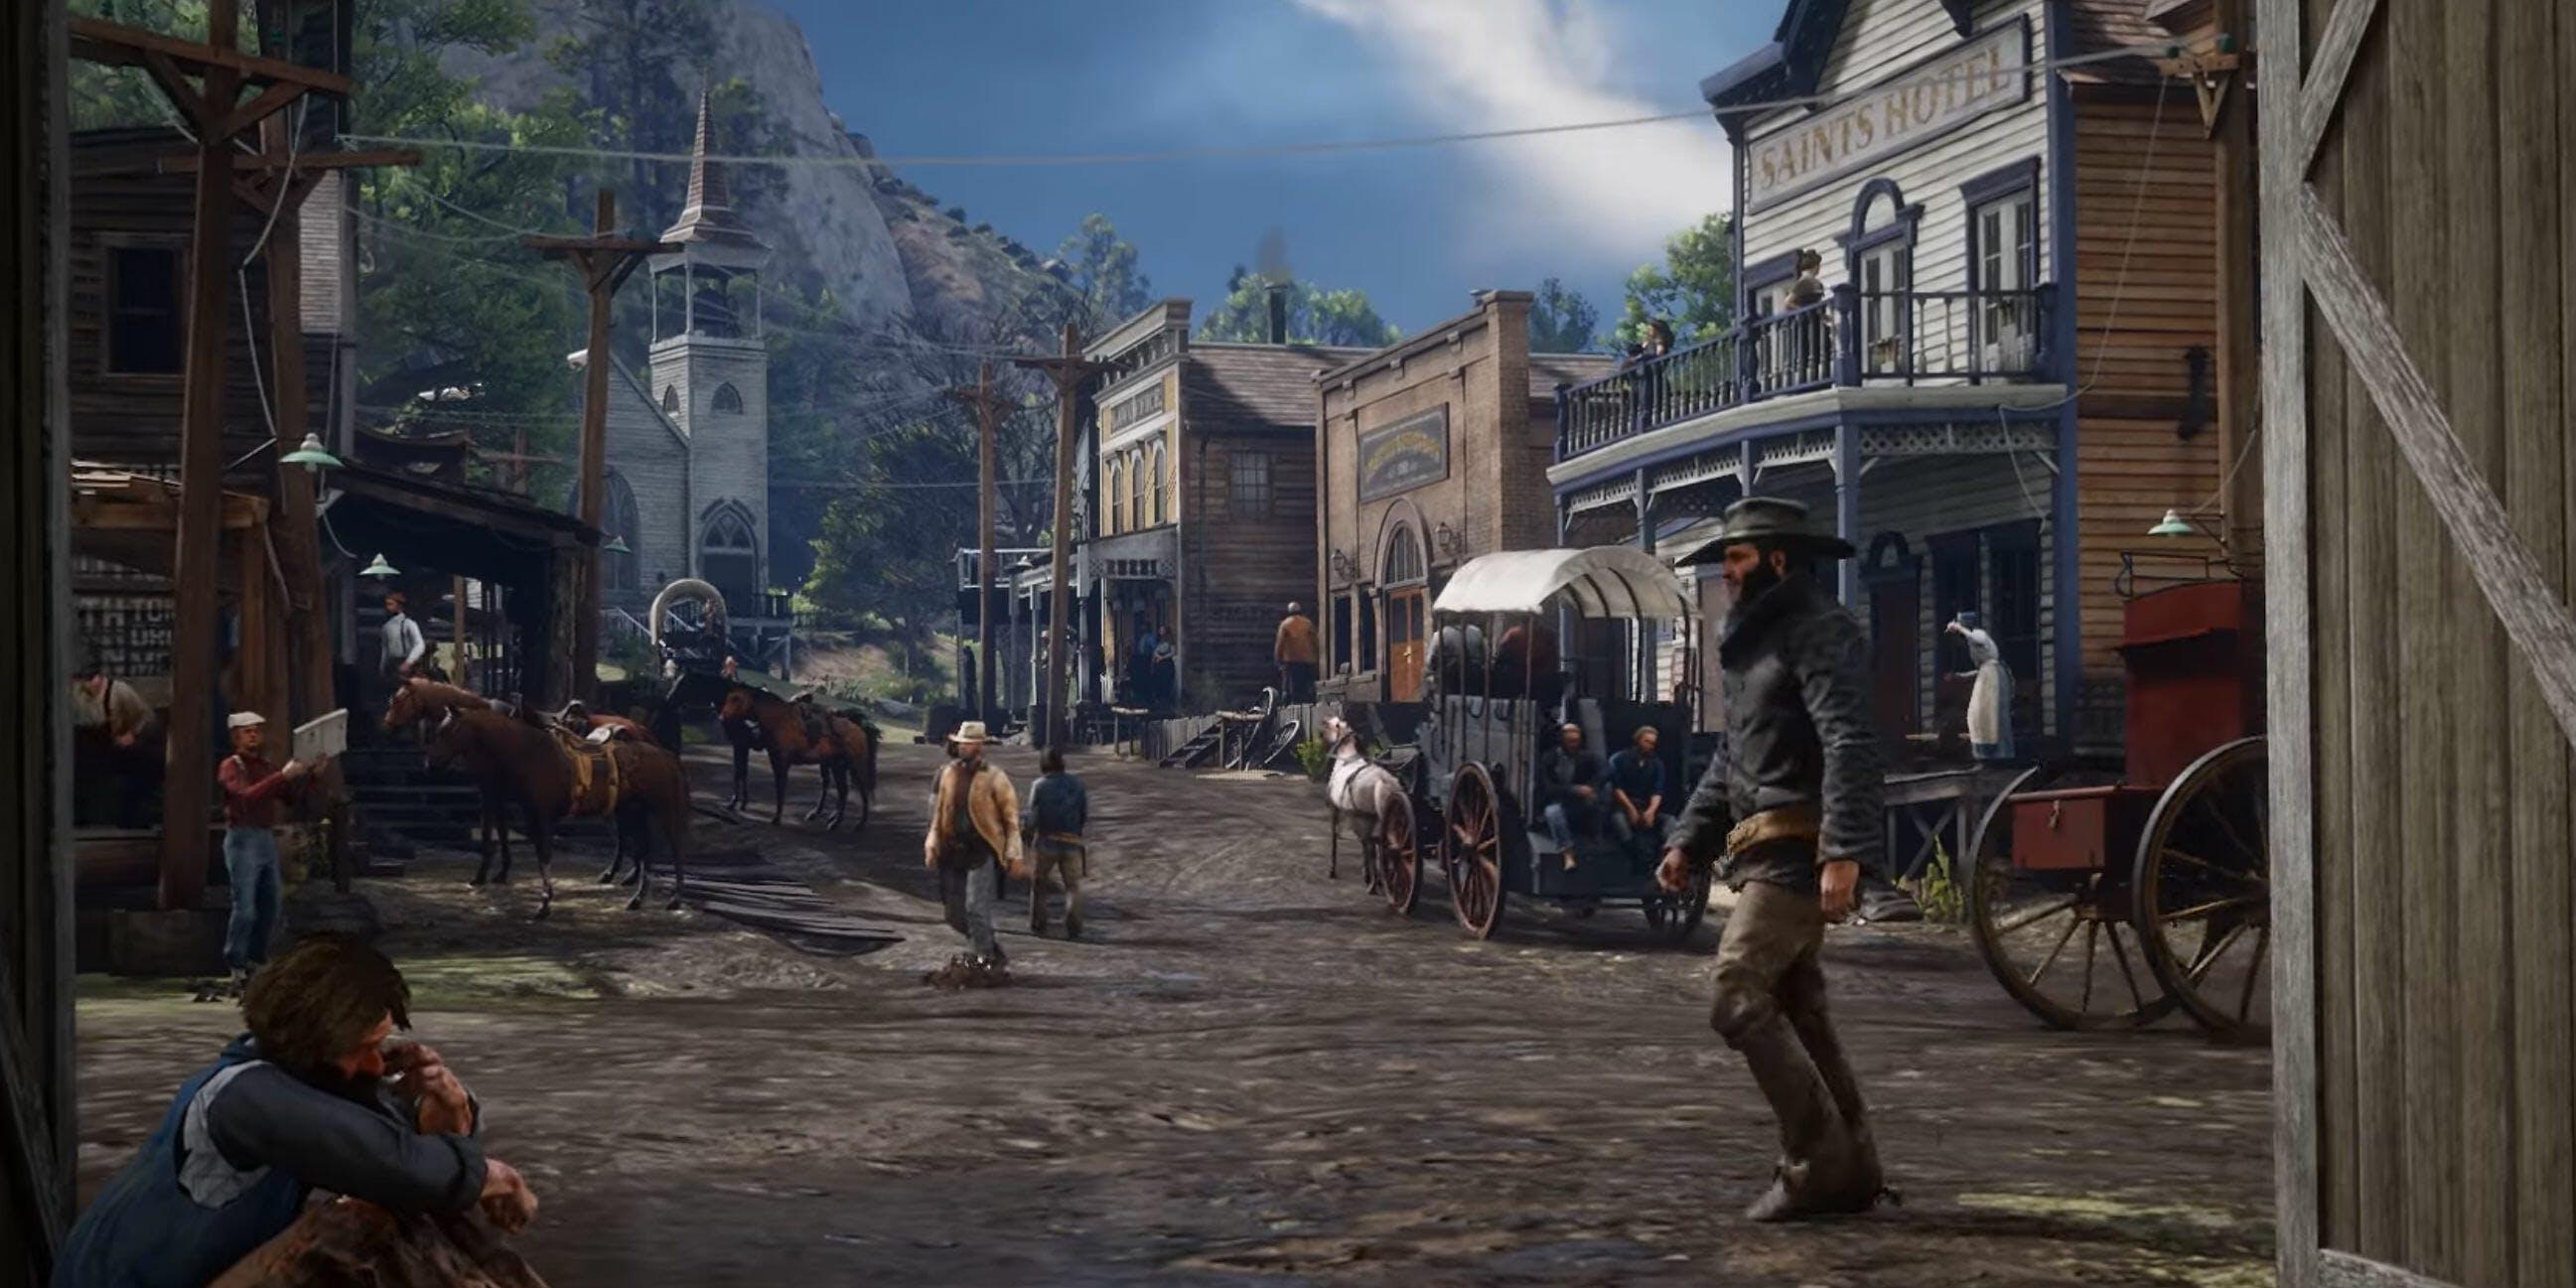 Red Dead Redemption 2 saints